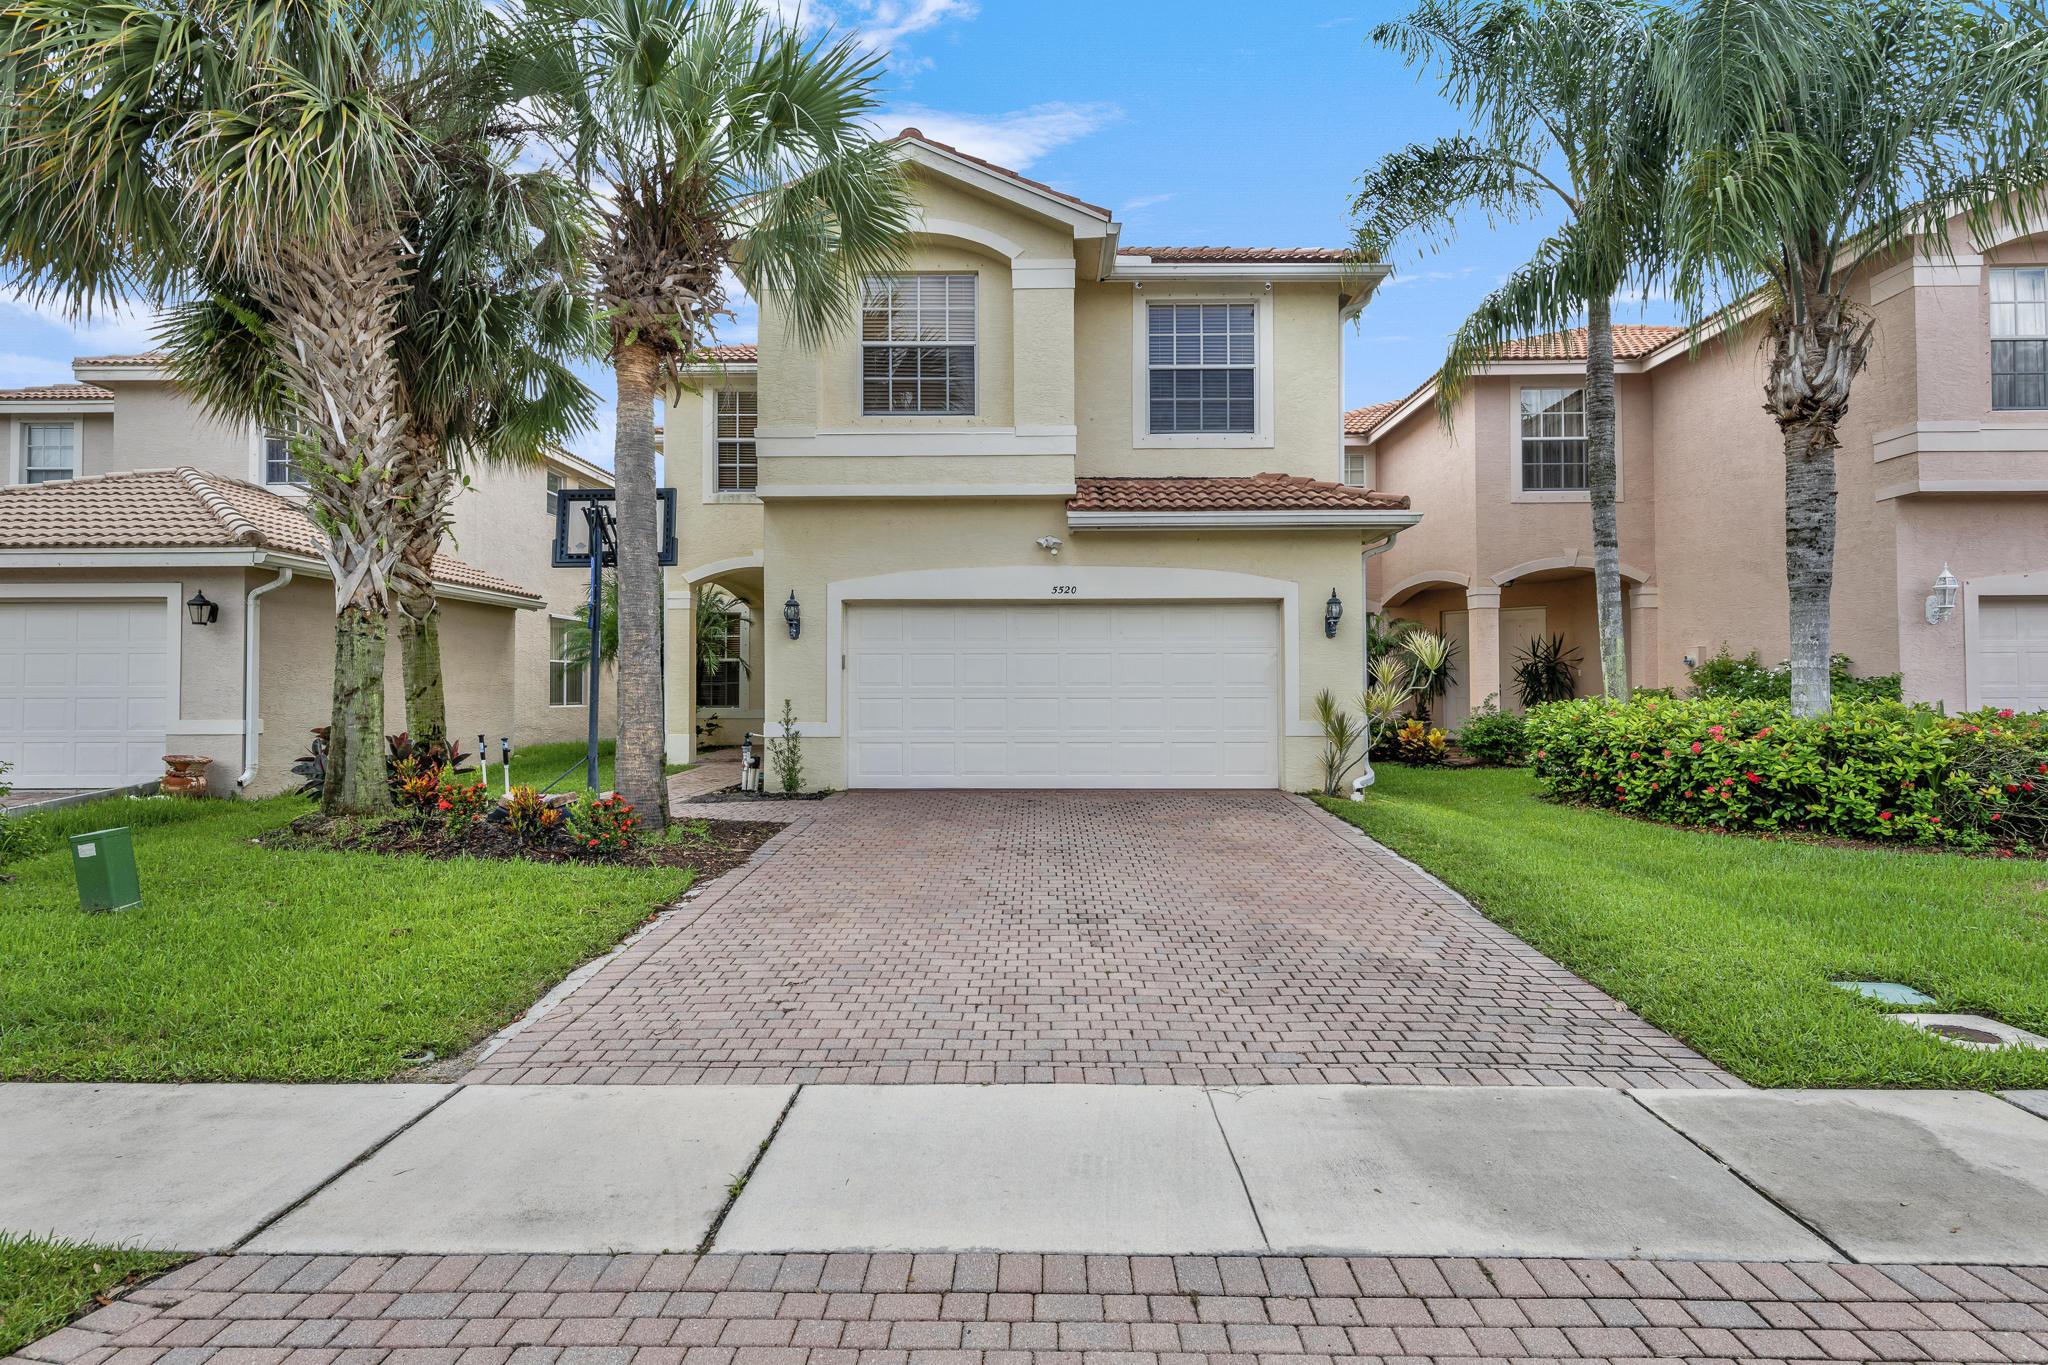 5520 Wishing Star Lane - Greenacres, Florida